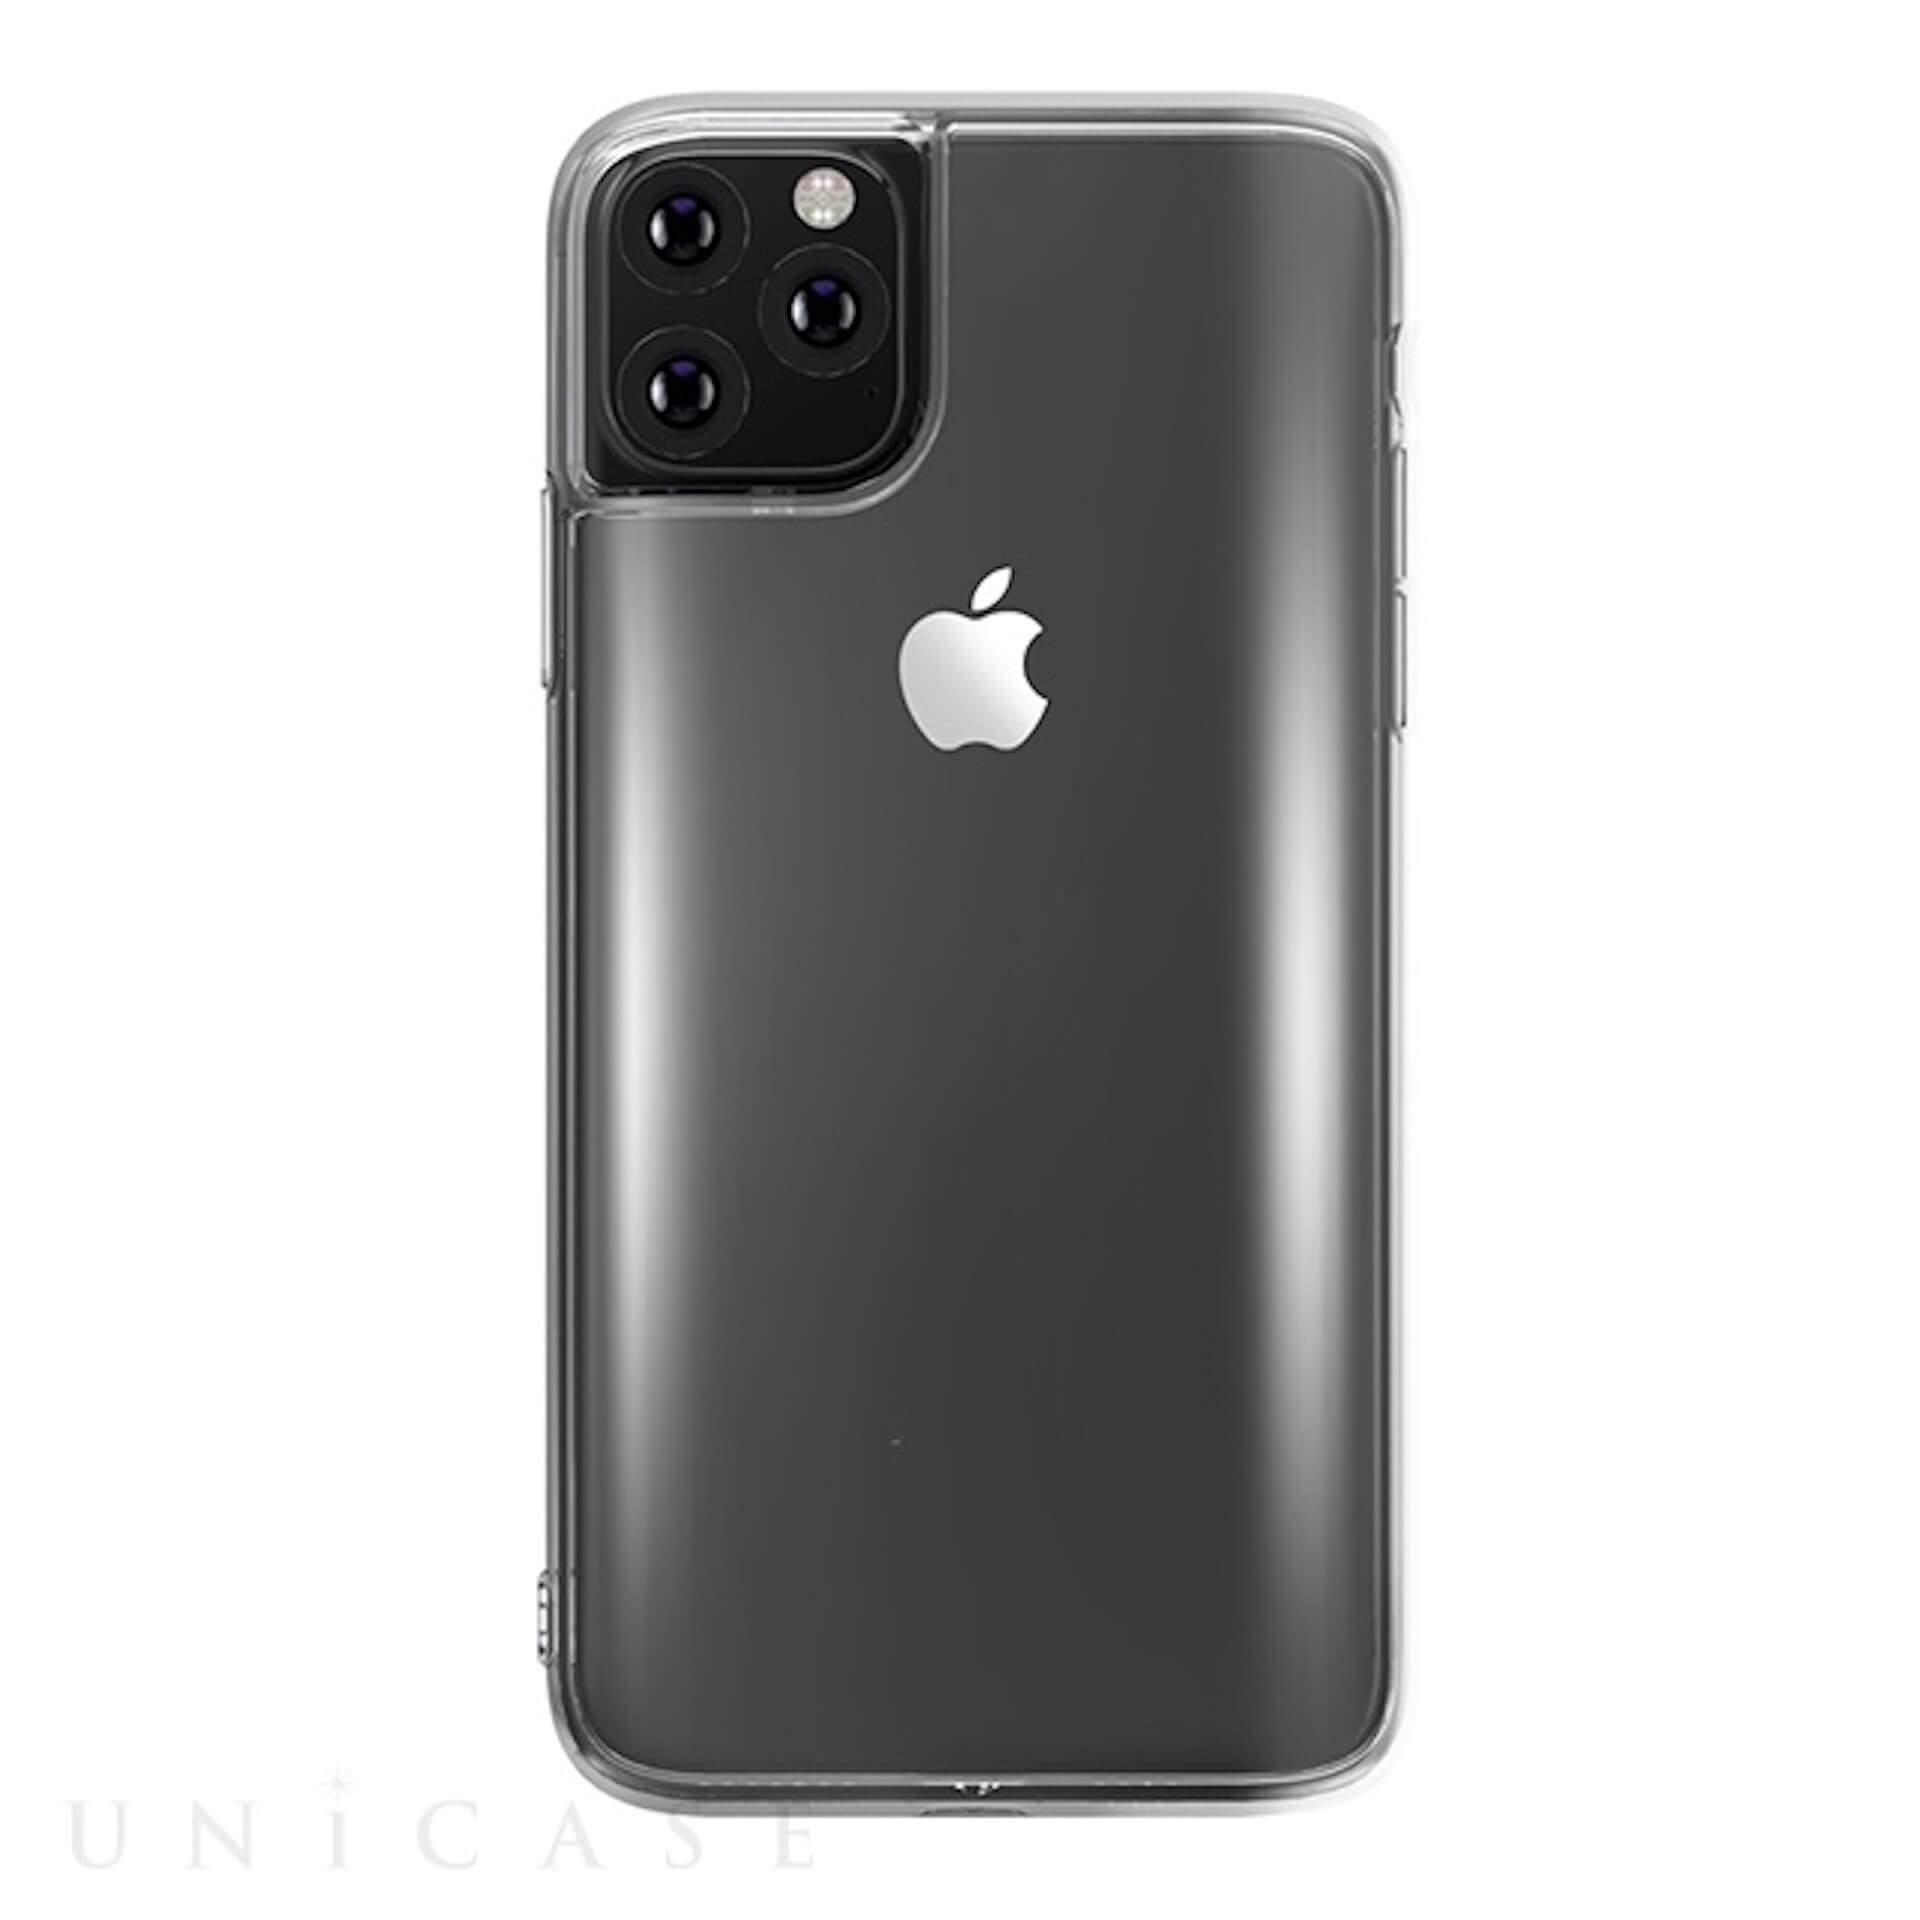 早くもiPhone 11 Pro&Pro Max対応のケースがUNiCASEから登場! tech190911iphone-unicase_6